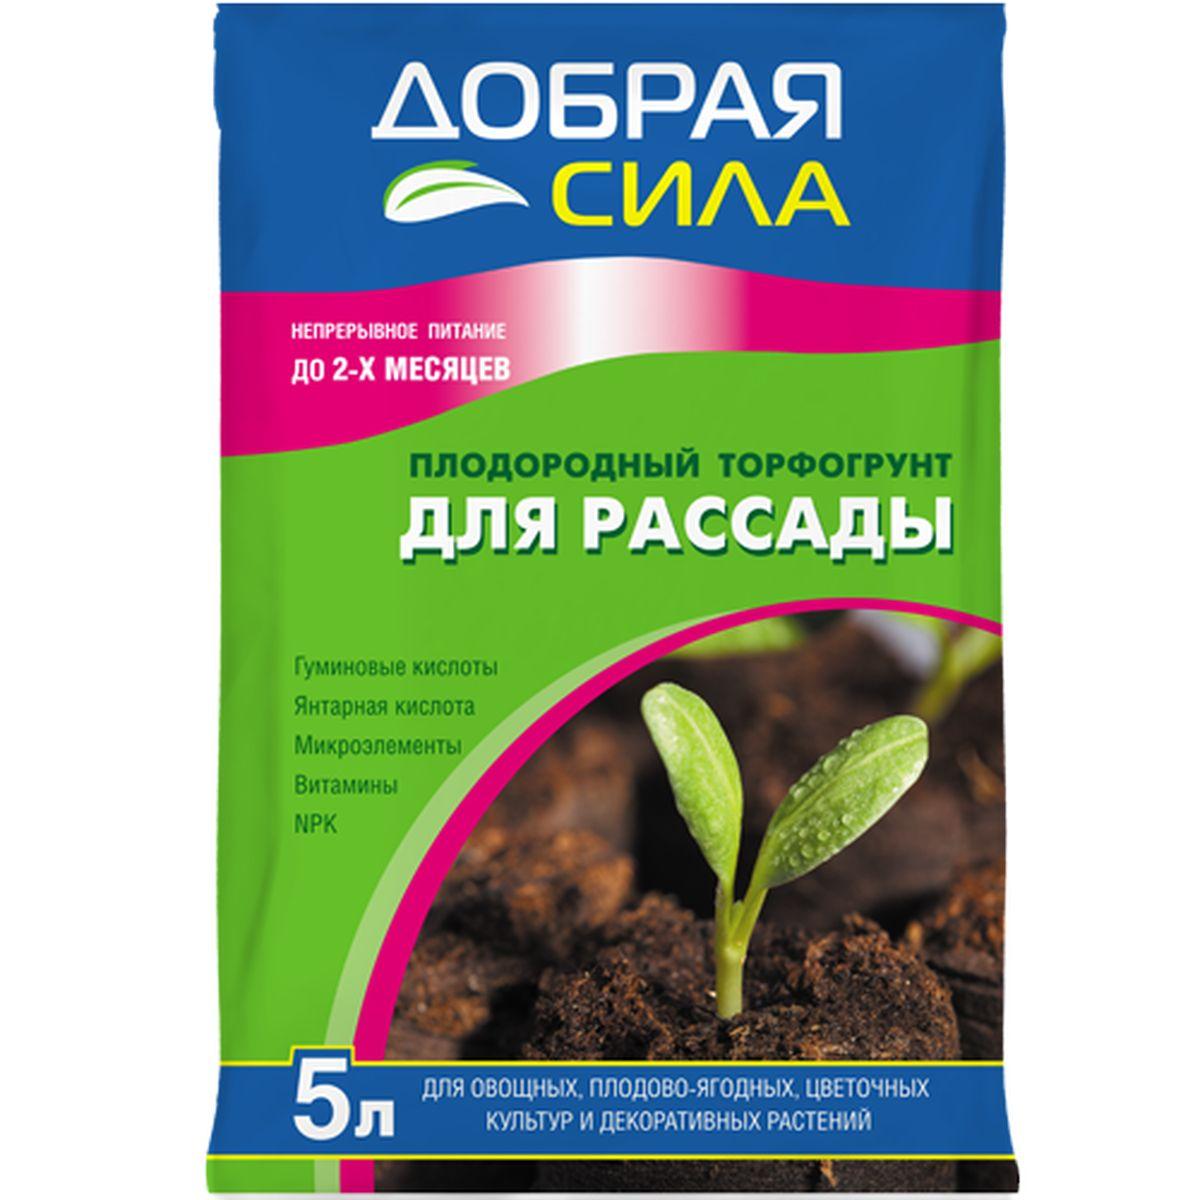 Почвенный грунт на основе торфа Добрая Сила, для рассады, 5 лC0038550Почвенный грунт предназначен для выращивания рассады овощных, плодово-ягодных, цветочных культур и декоративных растений. Может использоваться при посеве и выращивании растений в зимних садах и оранжереях, а также при выращивании растений в теплицах и парниках.